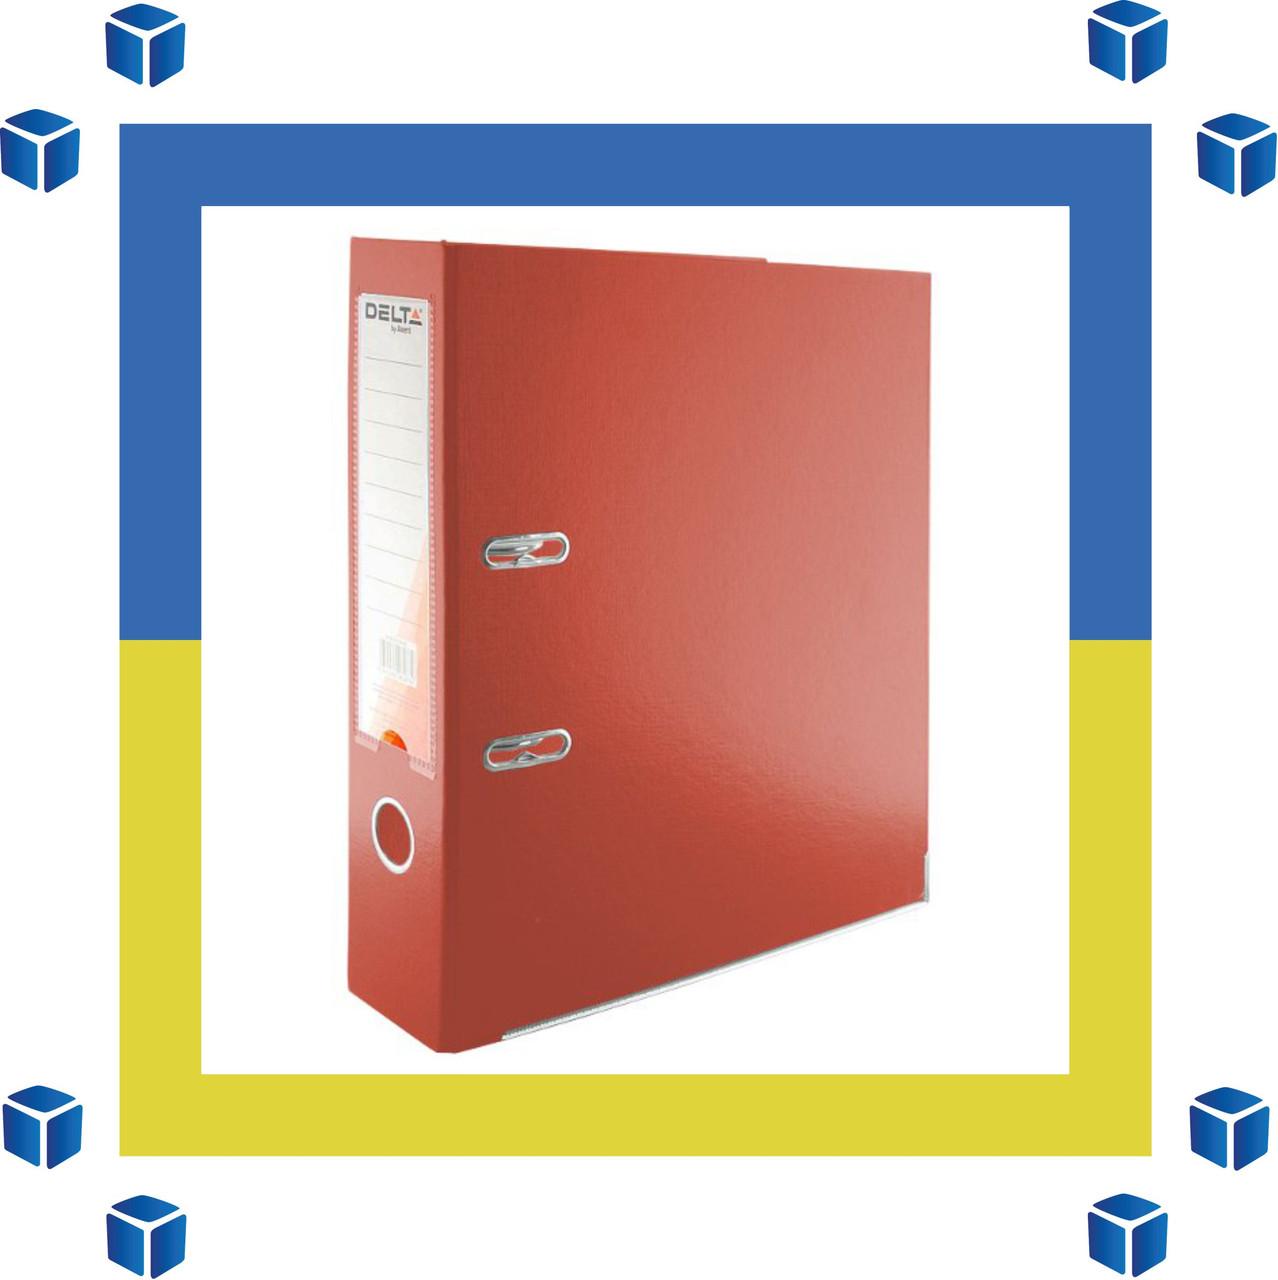 Папка - регистратор (сегрегатор) А4/75 Delta (красная-односторонняя)